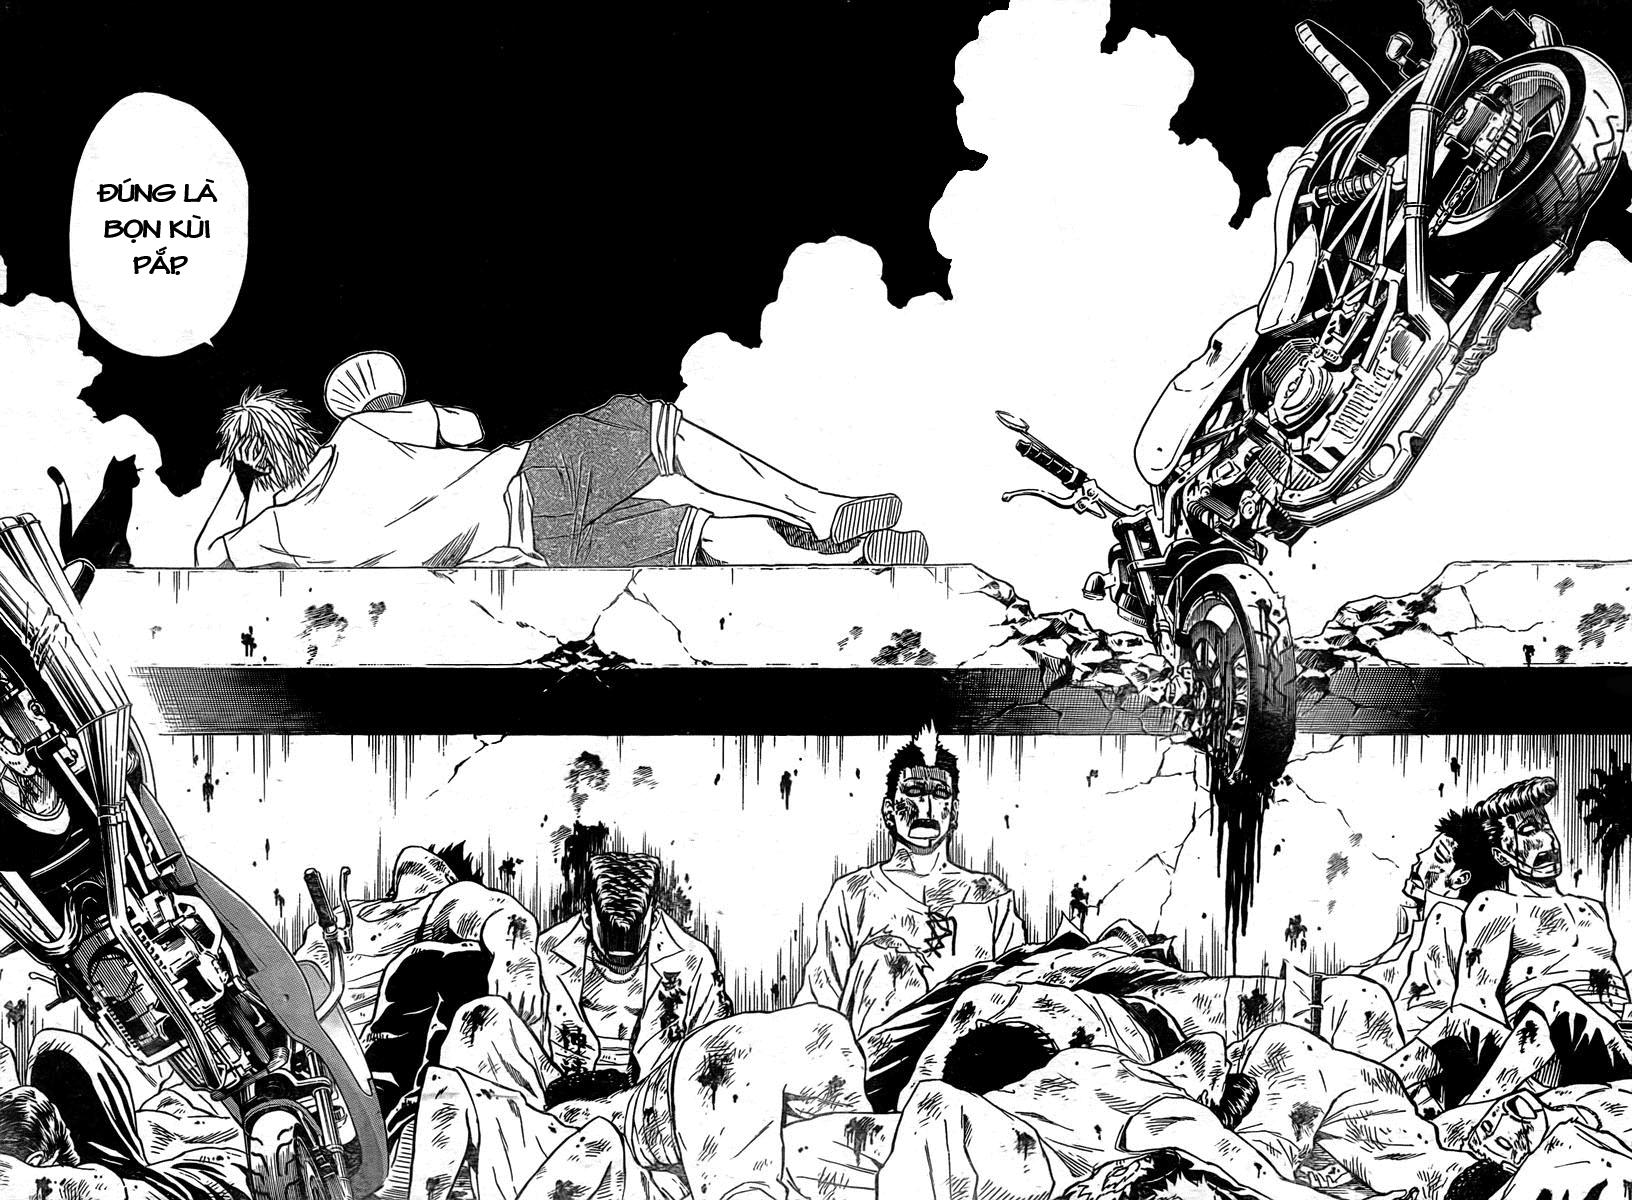 Vua Quỷ - Beelzebub tap 23 - 14